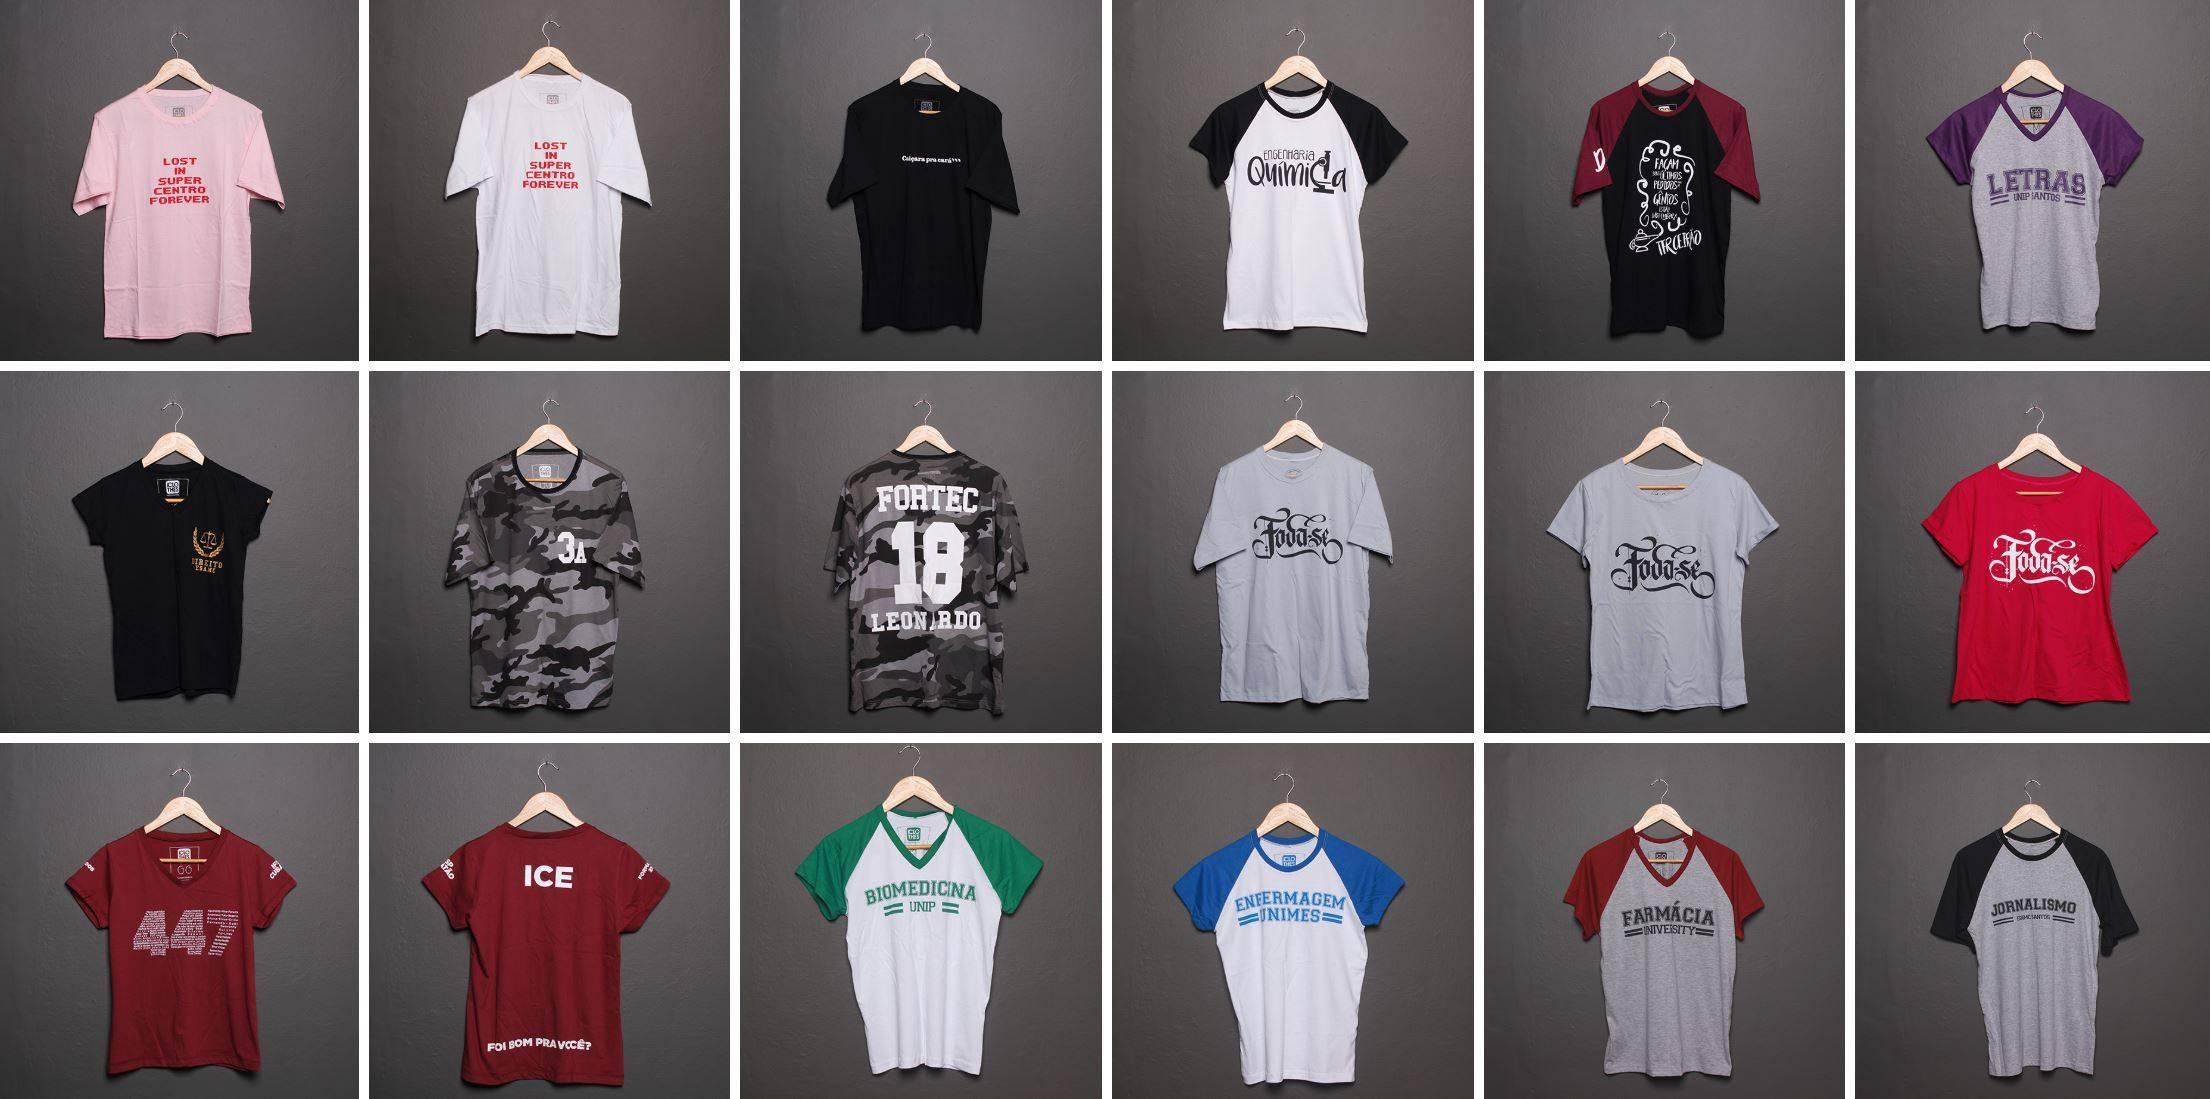 www.juicysantos.com.br - camisetas personalizadas em santos da iclothes